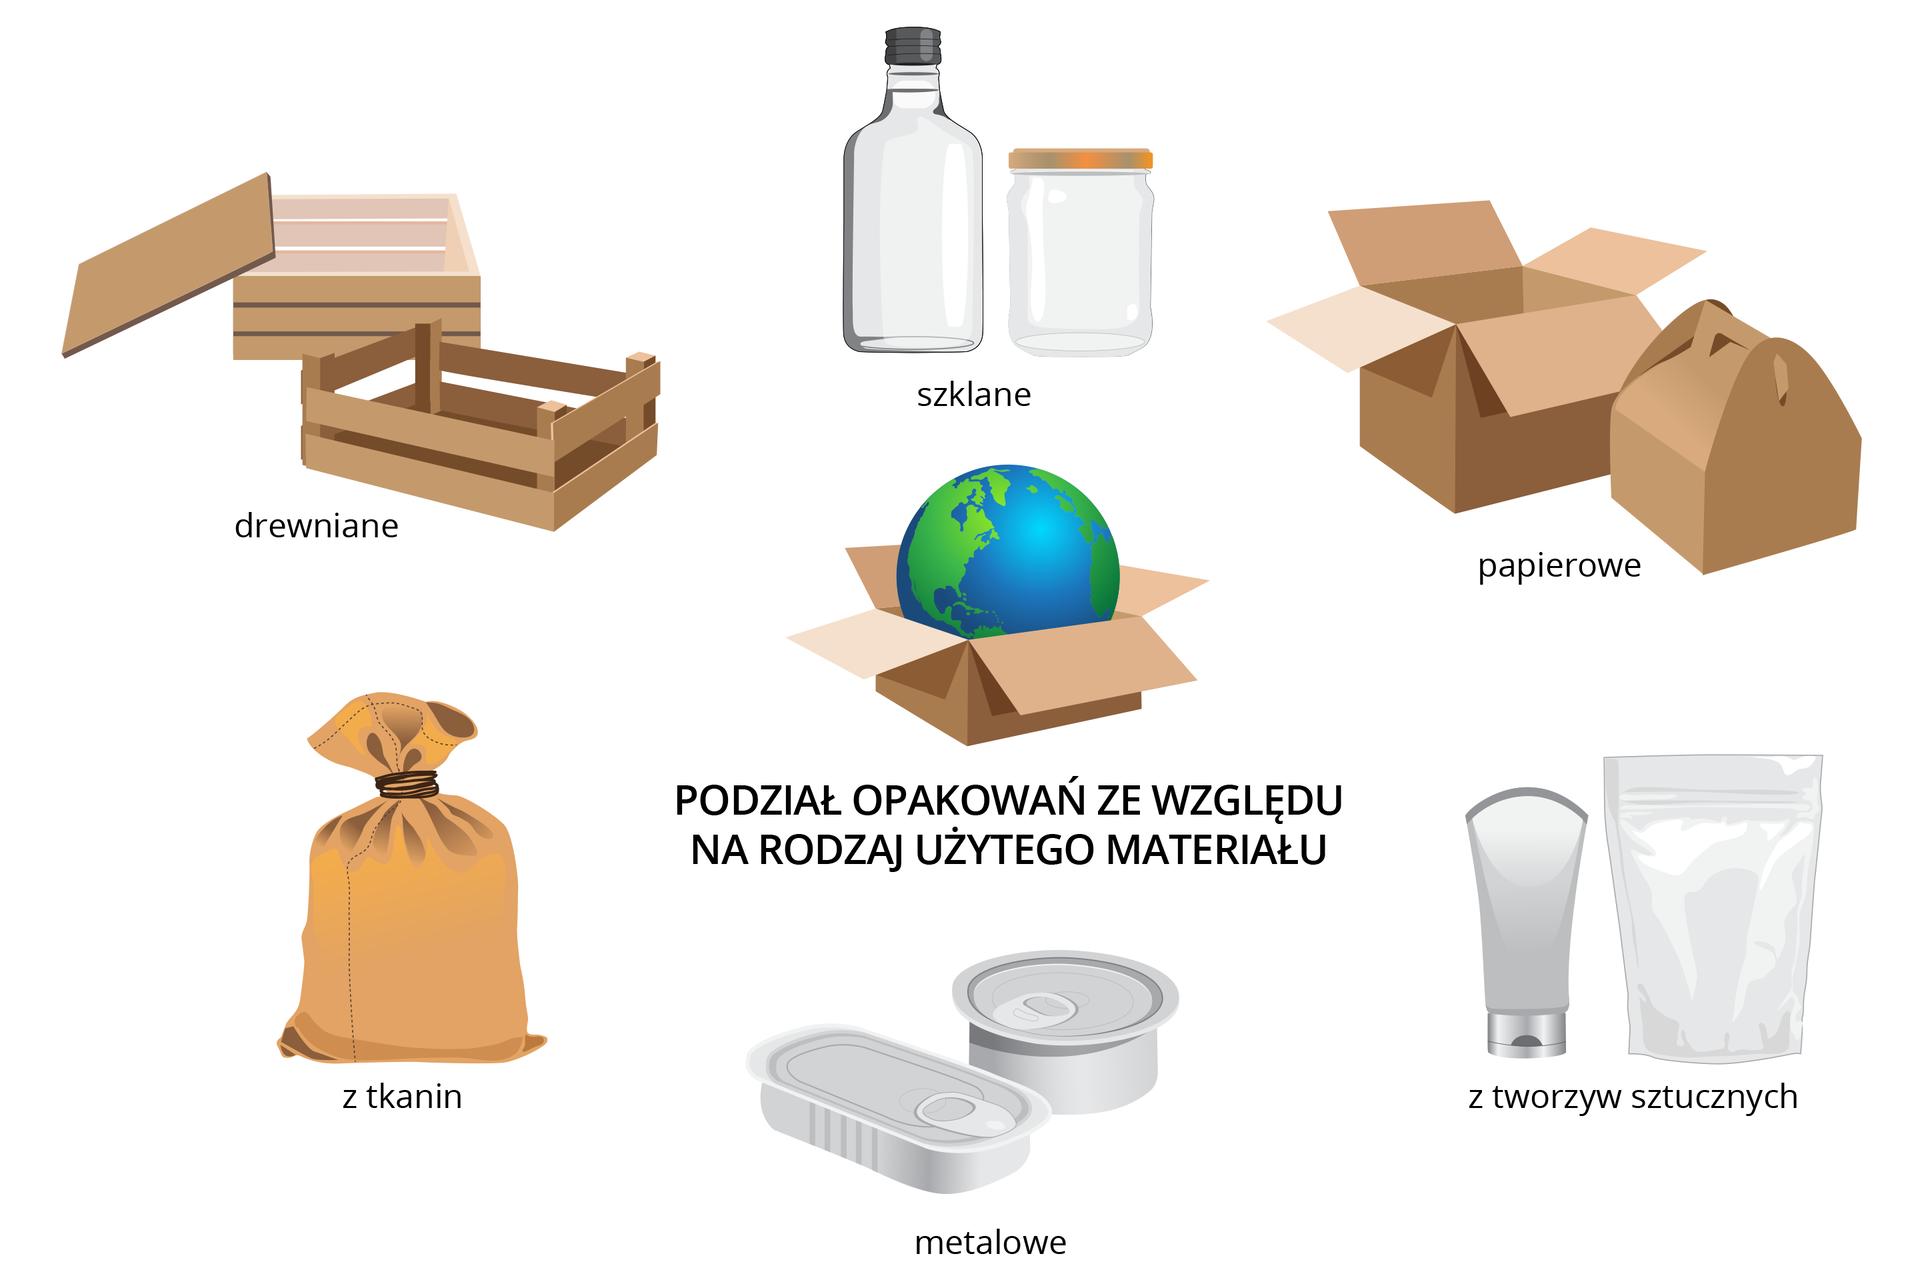 Schemat przedstawiający rodzaje opakowań ze względu na rodzaj materiału, zktórego są wykonane.